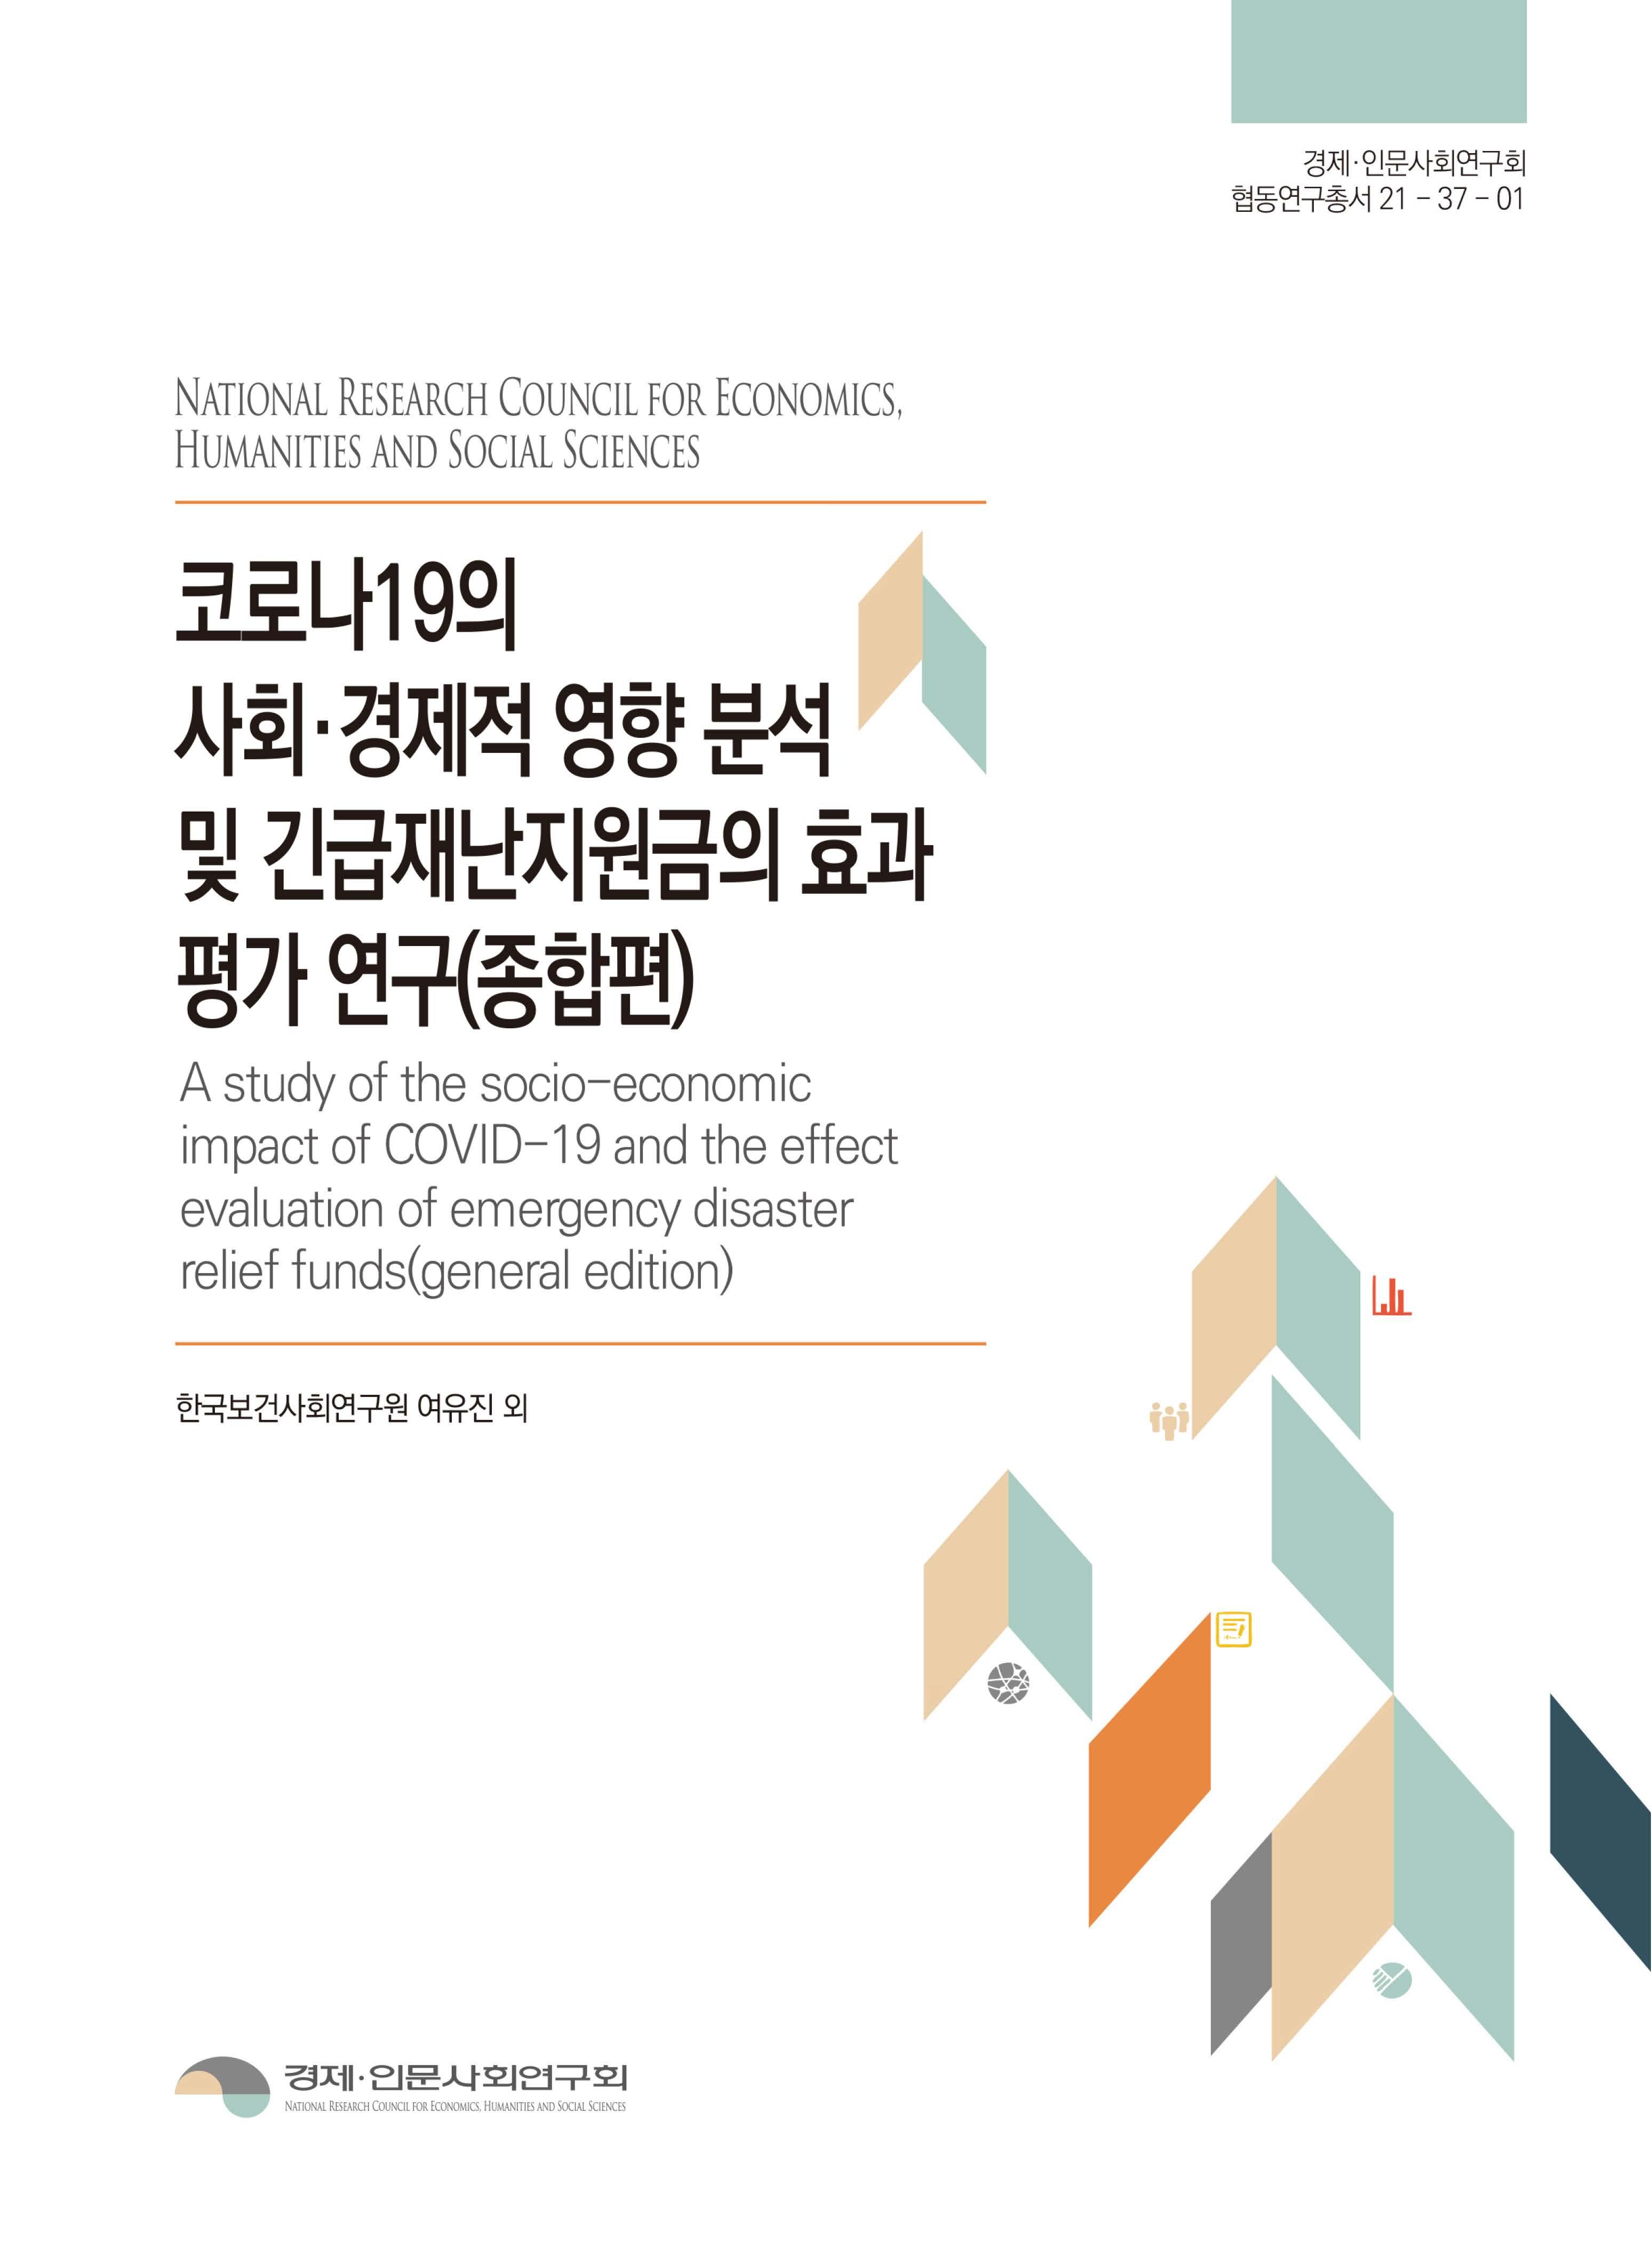 코로나19의 사회경제적 영향 분석 및 긴급재난지원금의 효과 평가 연구(지역편)